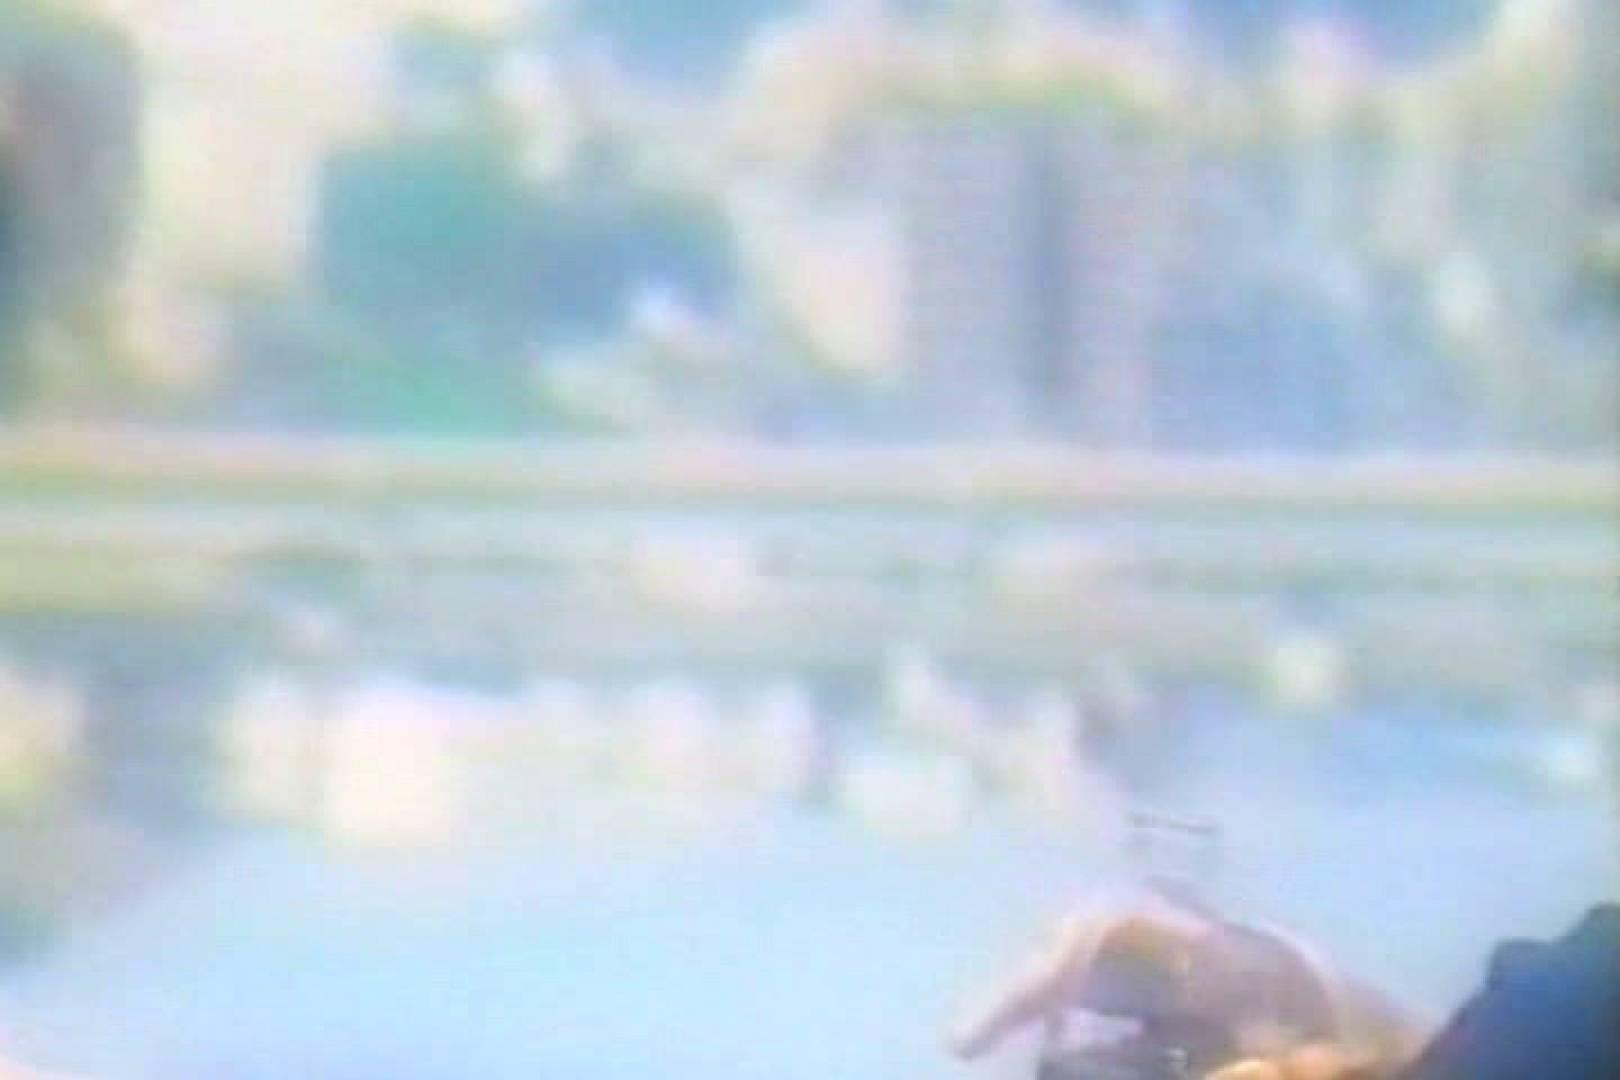 発掘!!あの頃の名作 Vol.02 スジ筋系ボーイズ | スリム美少年系ジャニ系  75pic 18